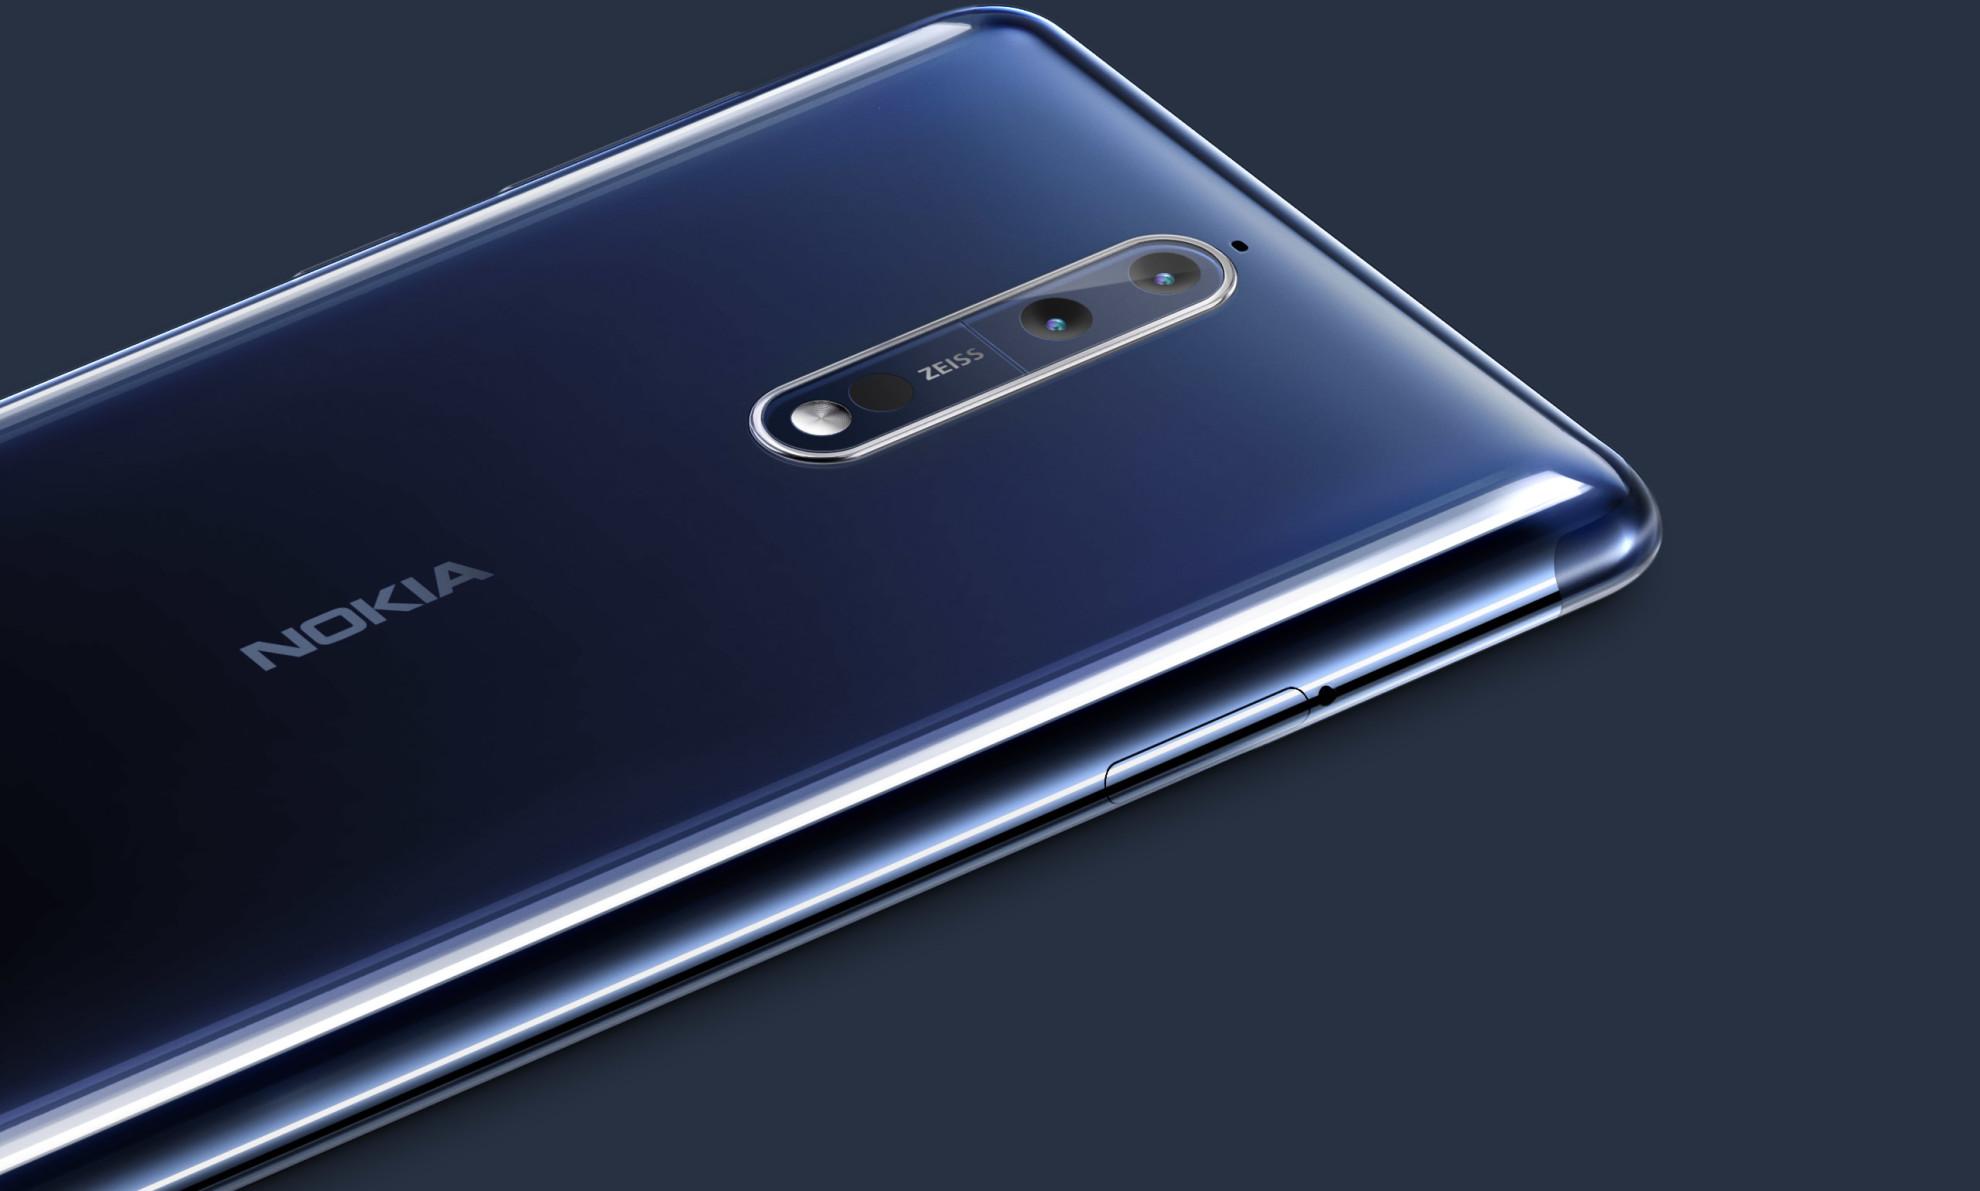 Serwis Nokia Poznań Naprawiamy.to